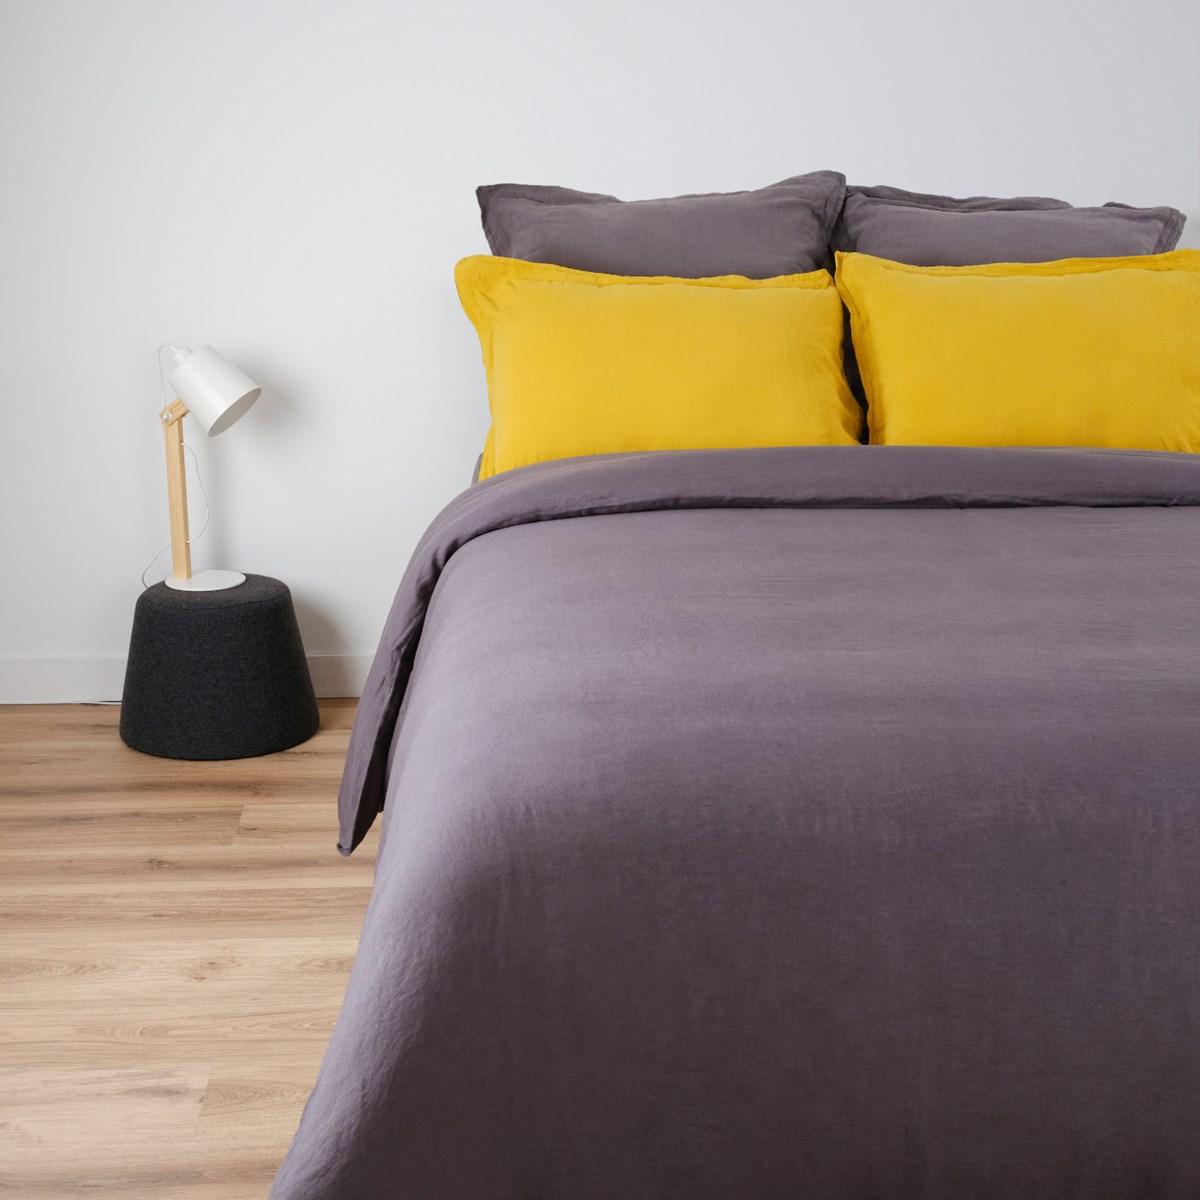 Housse de couette naturelle en lin gris foncé 240x220 cm